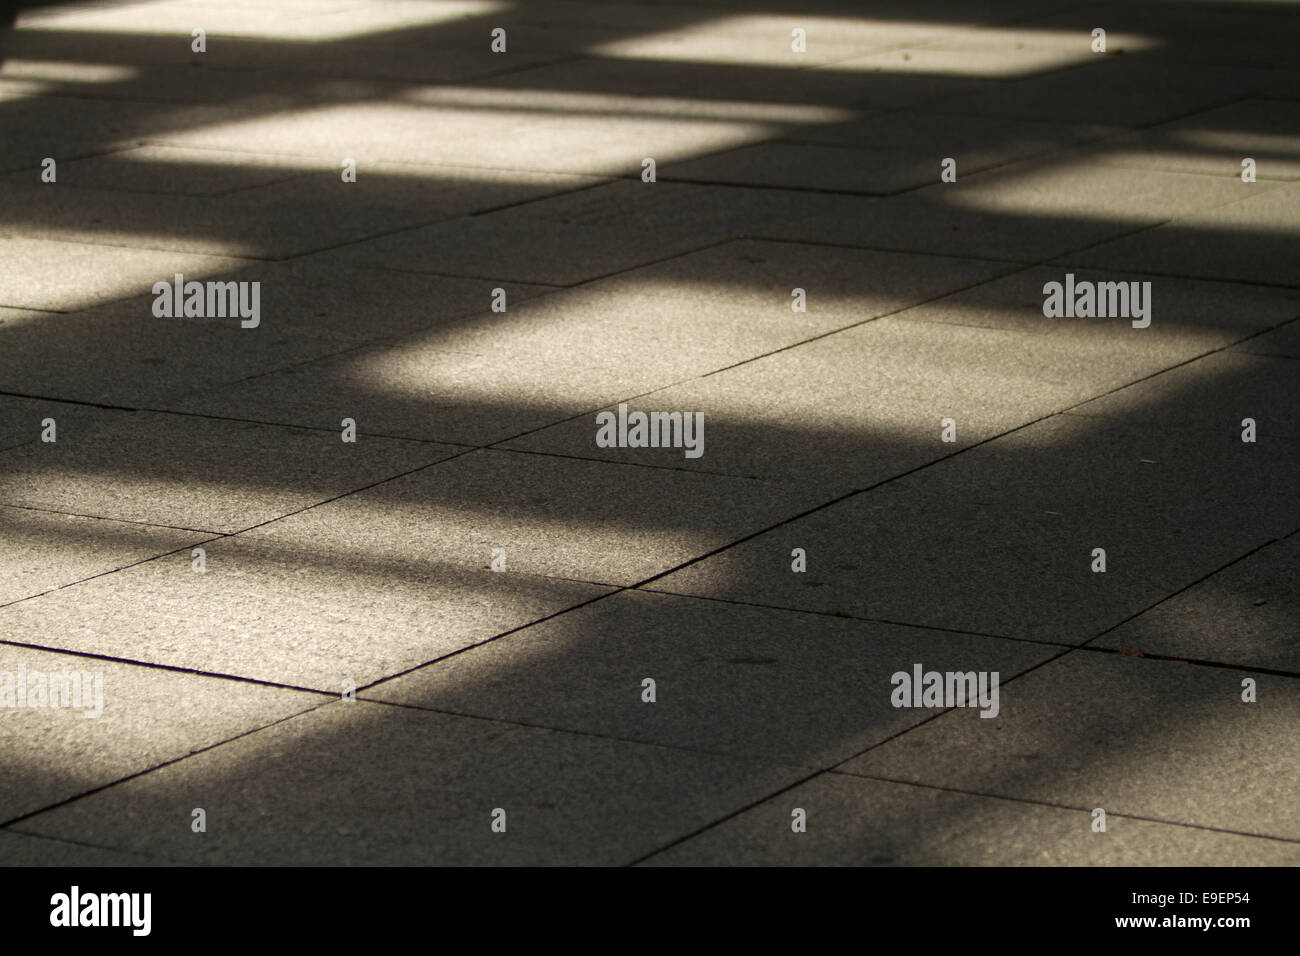 Les ombres sur les places de la grille de la chaussée texture Photo Stock